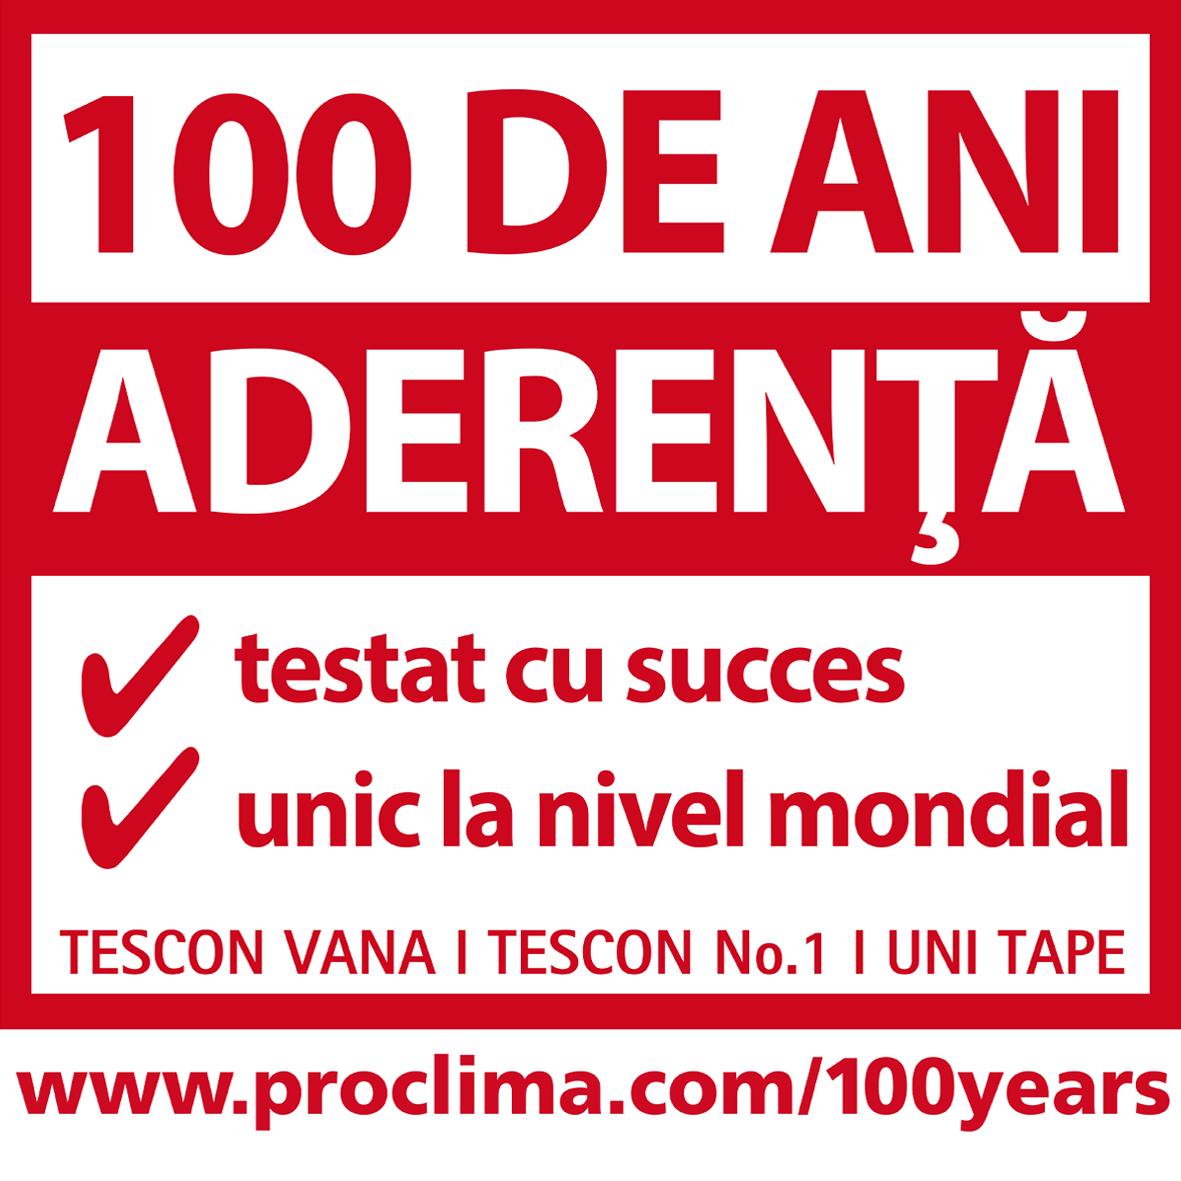 Aderenta 100 de ani